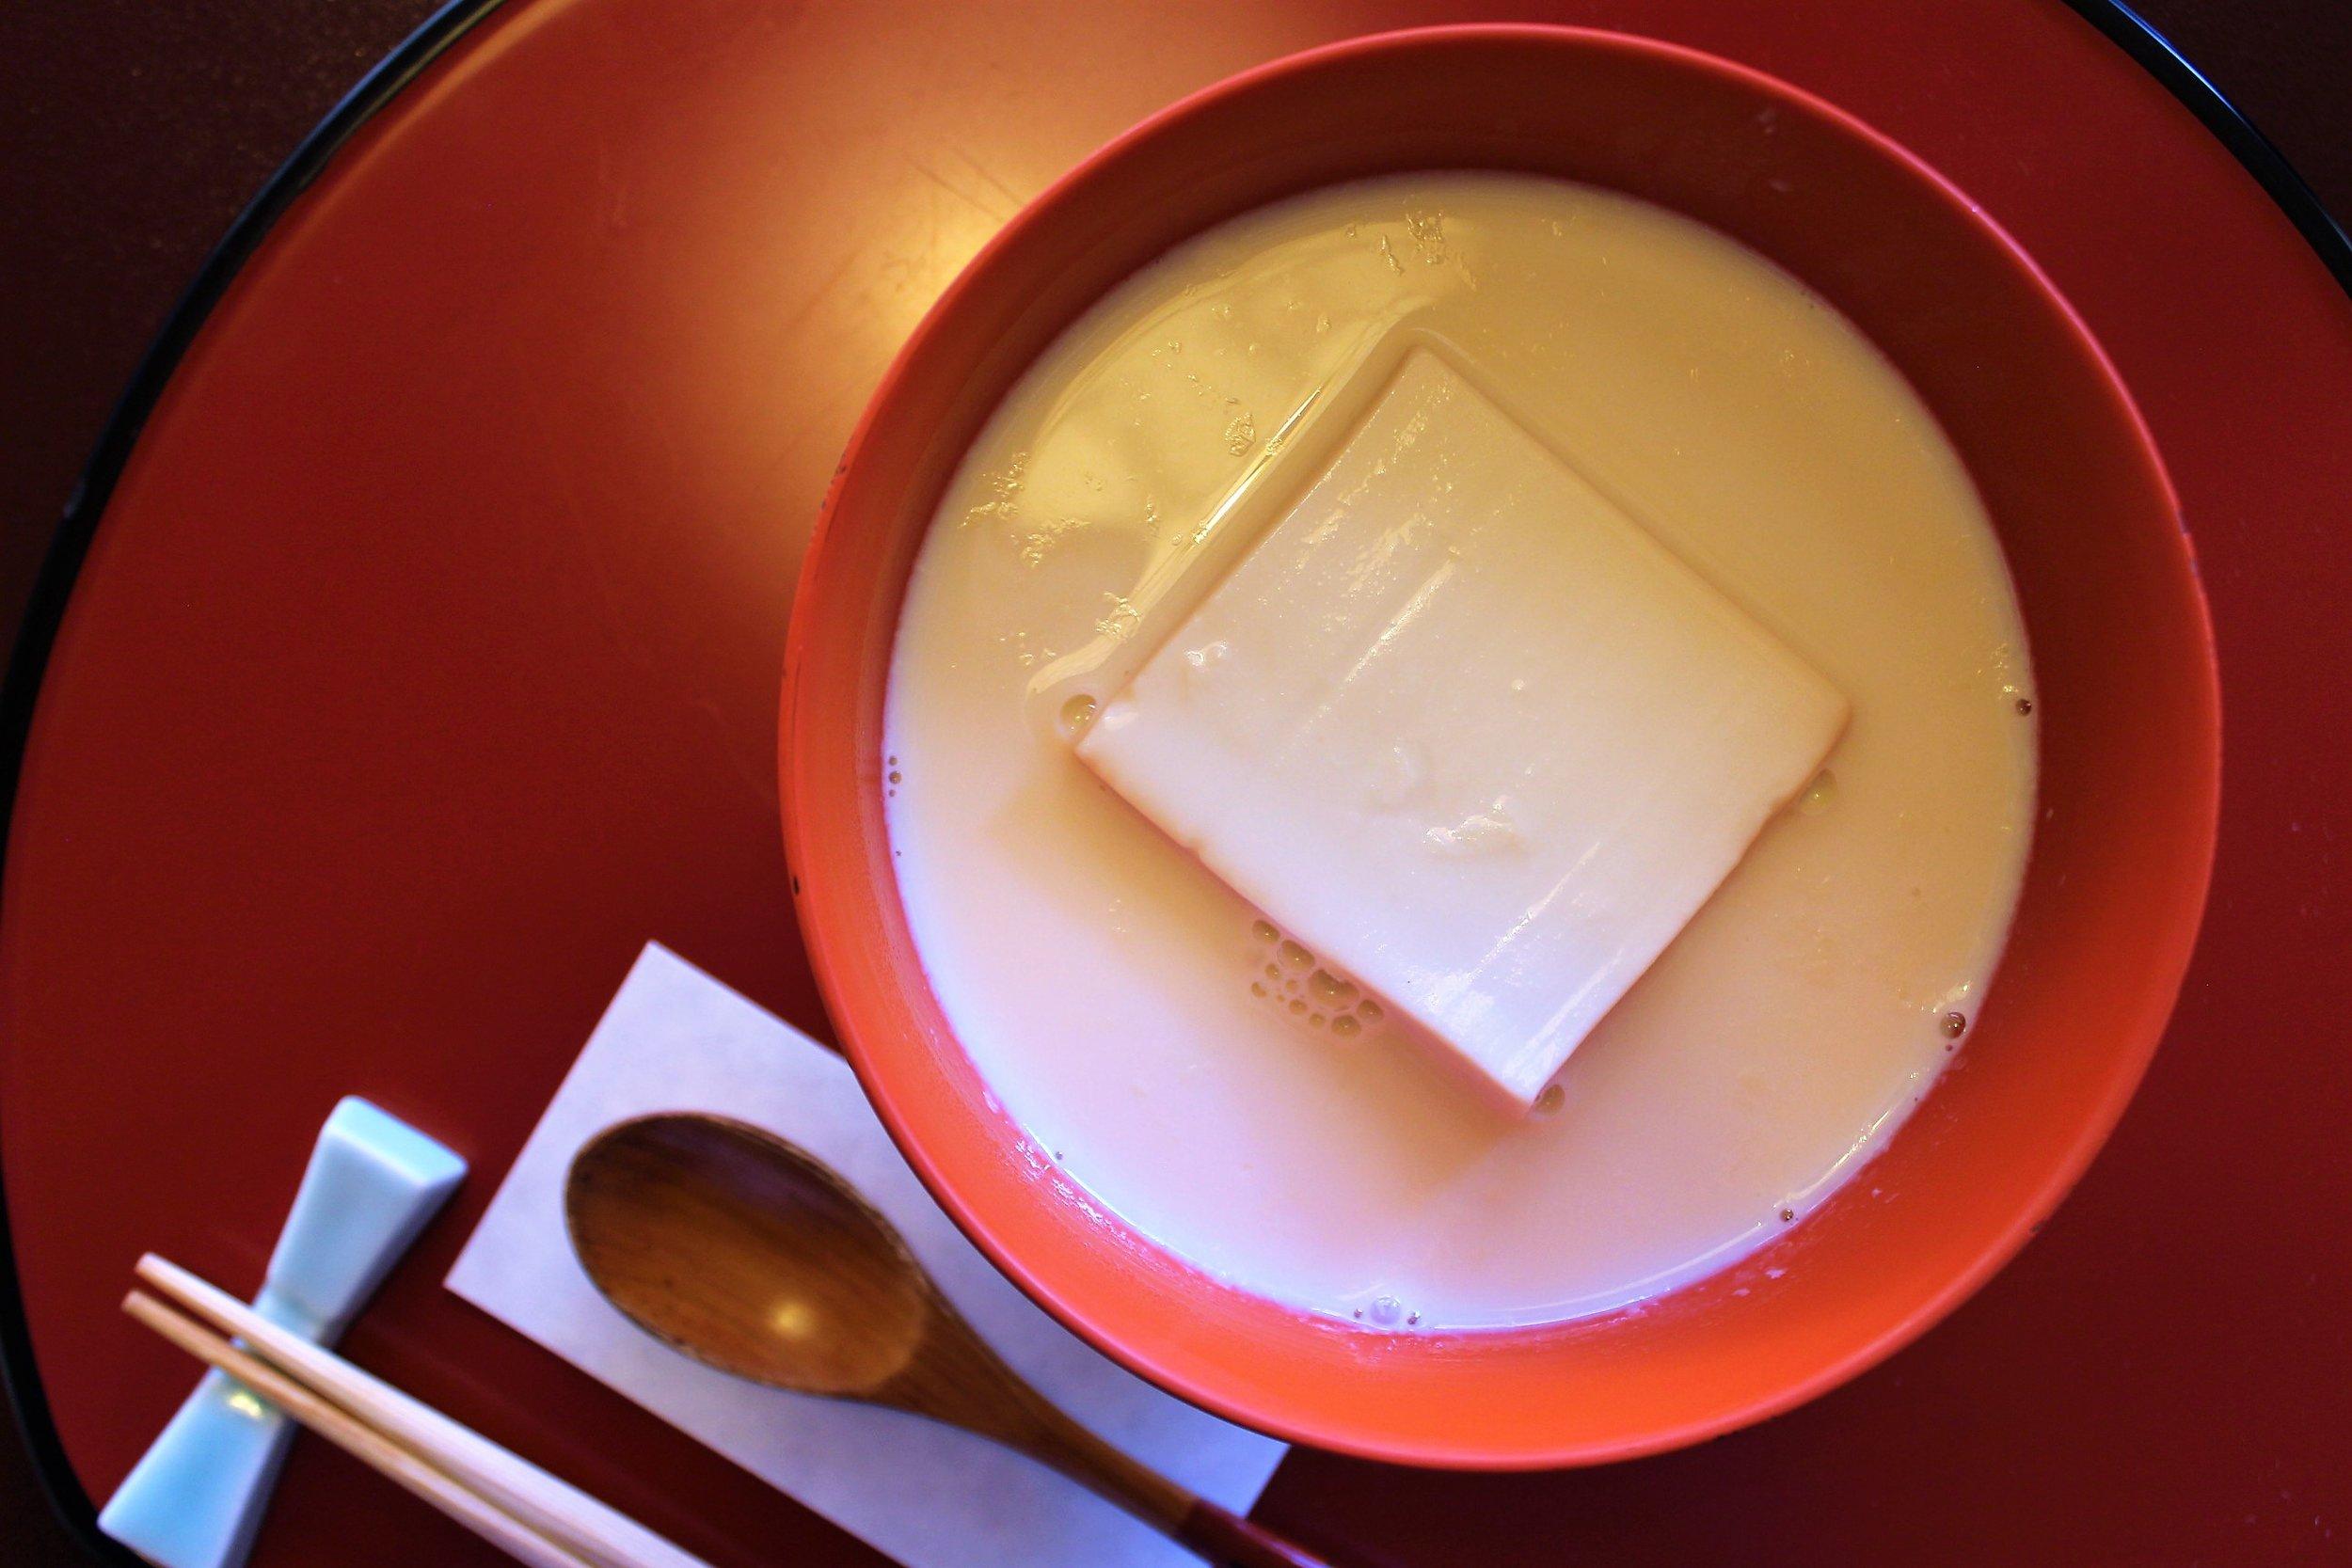 Tousui Tofu (Tofu in Seasoned Soy Milk) at Tokyo Shiba Tofuya Ukai in Tokyo, Japan